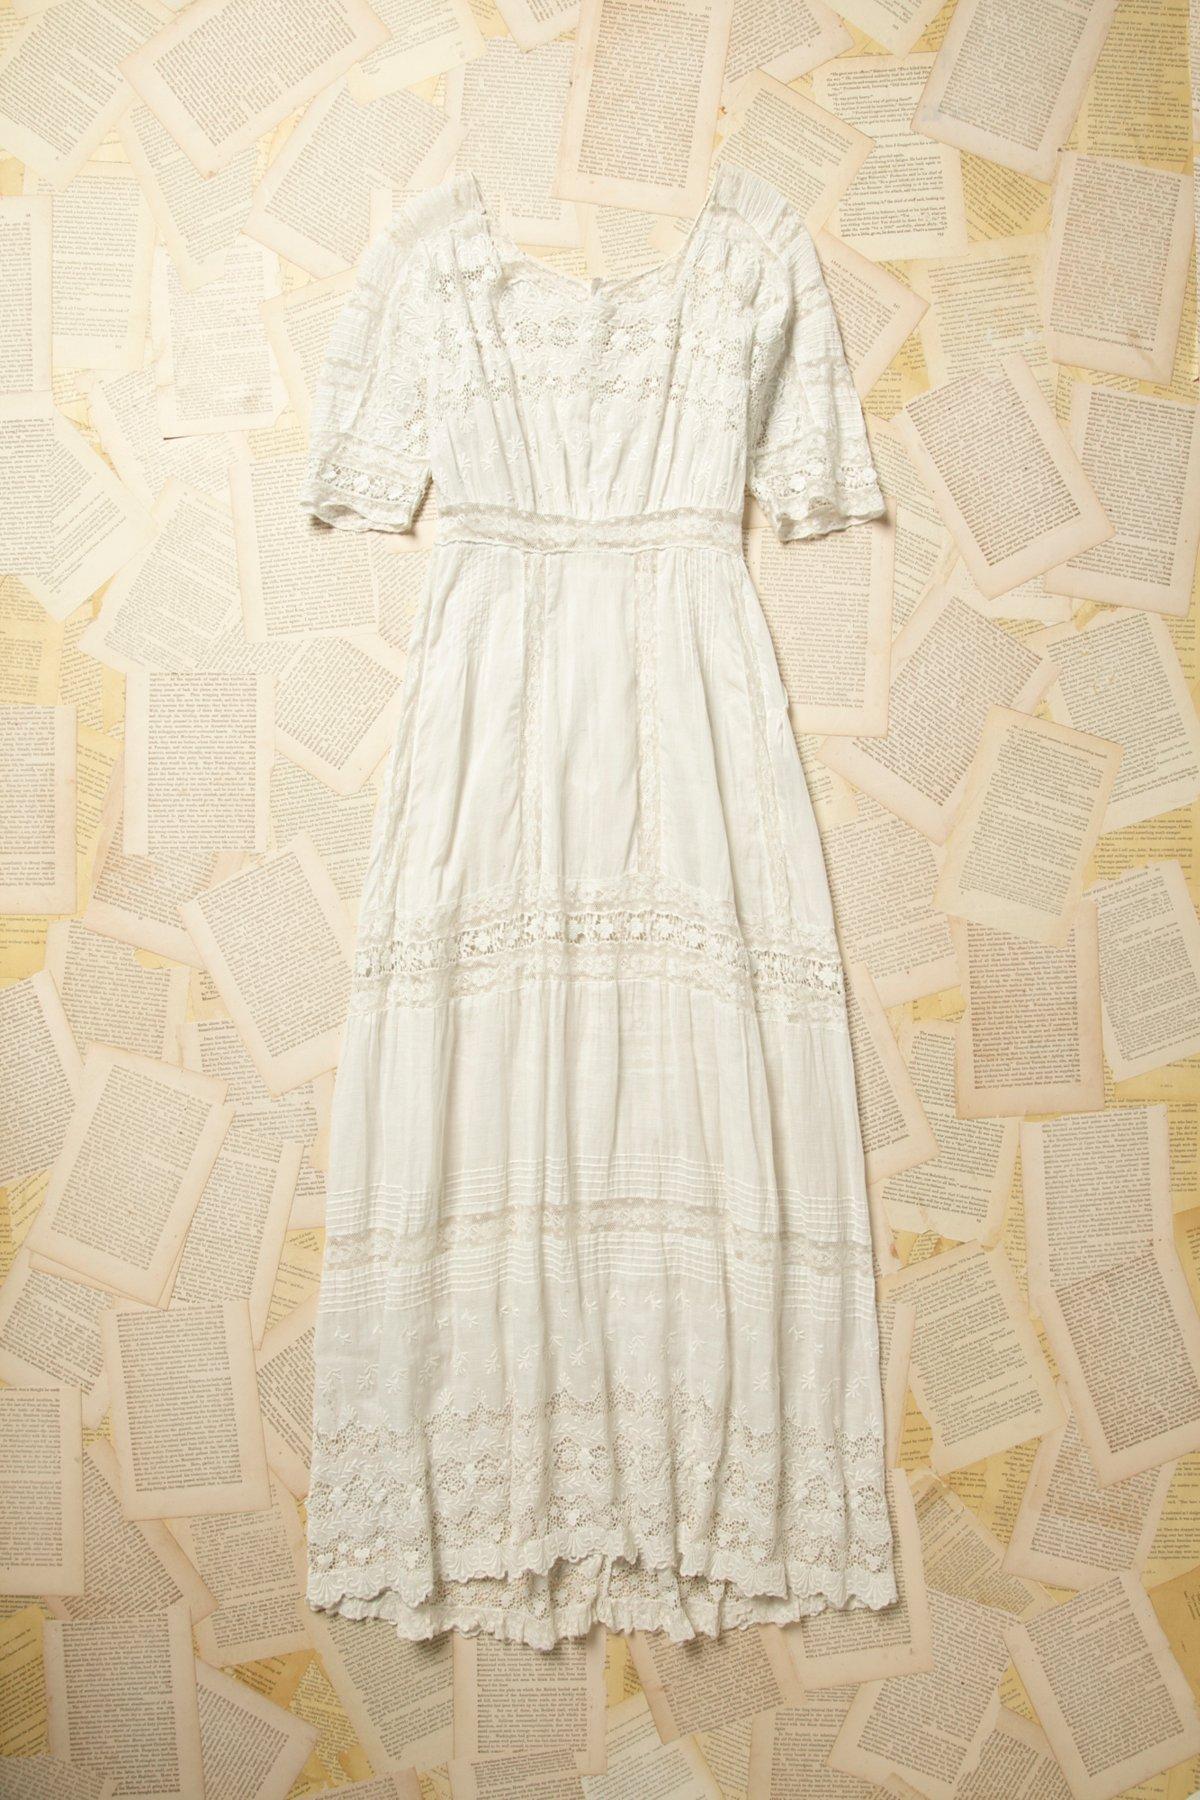 Vintage Victorian Lace Dress